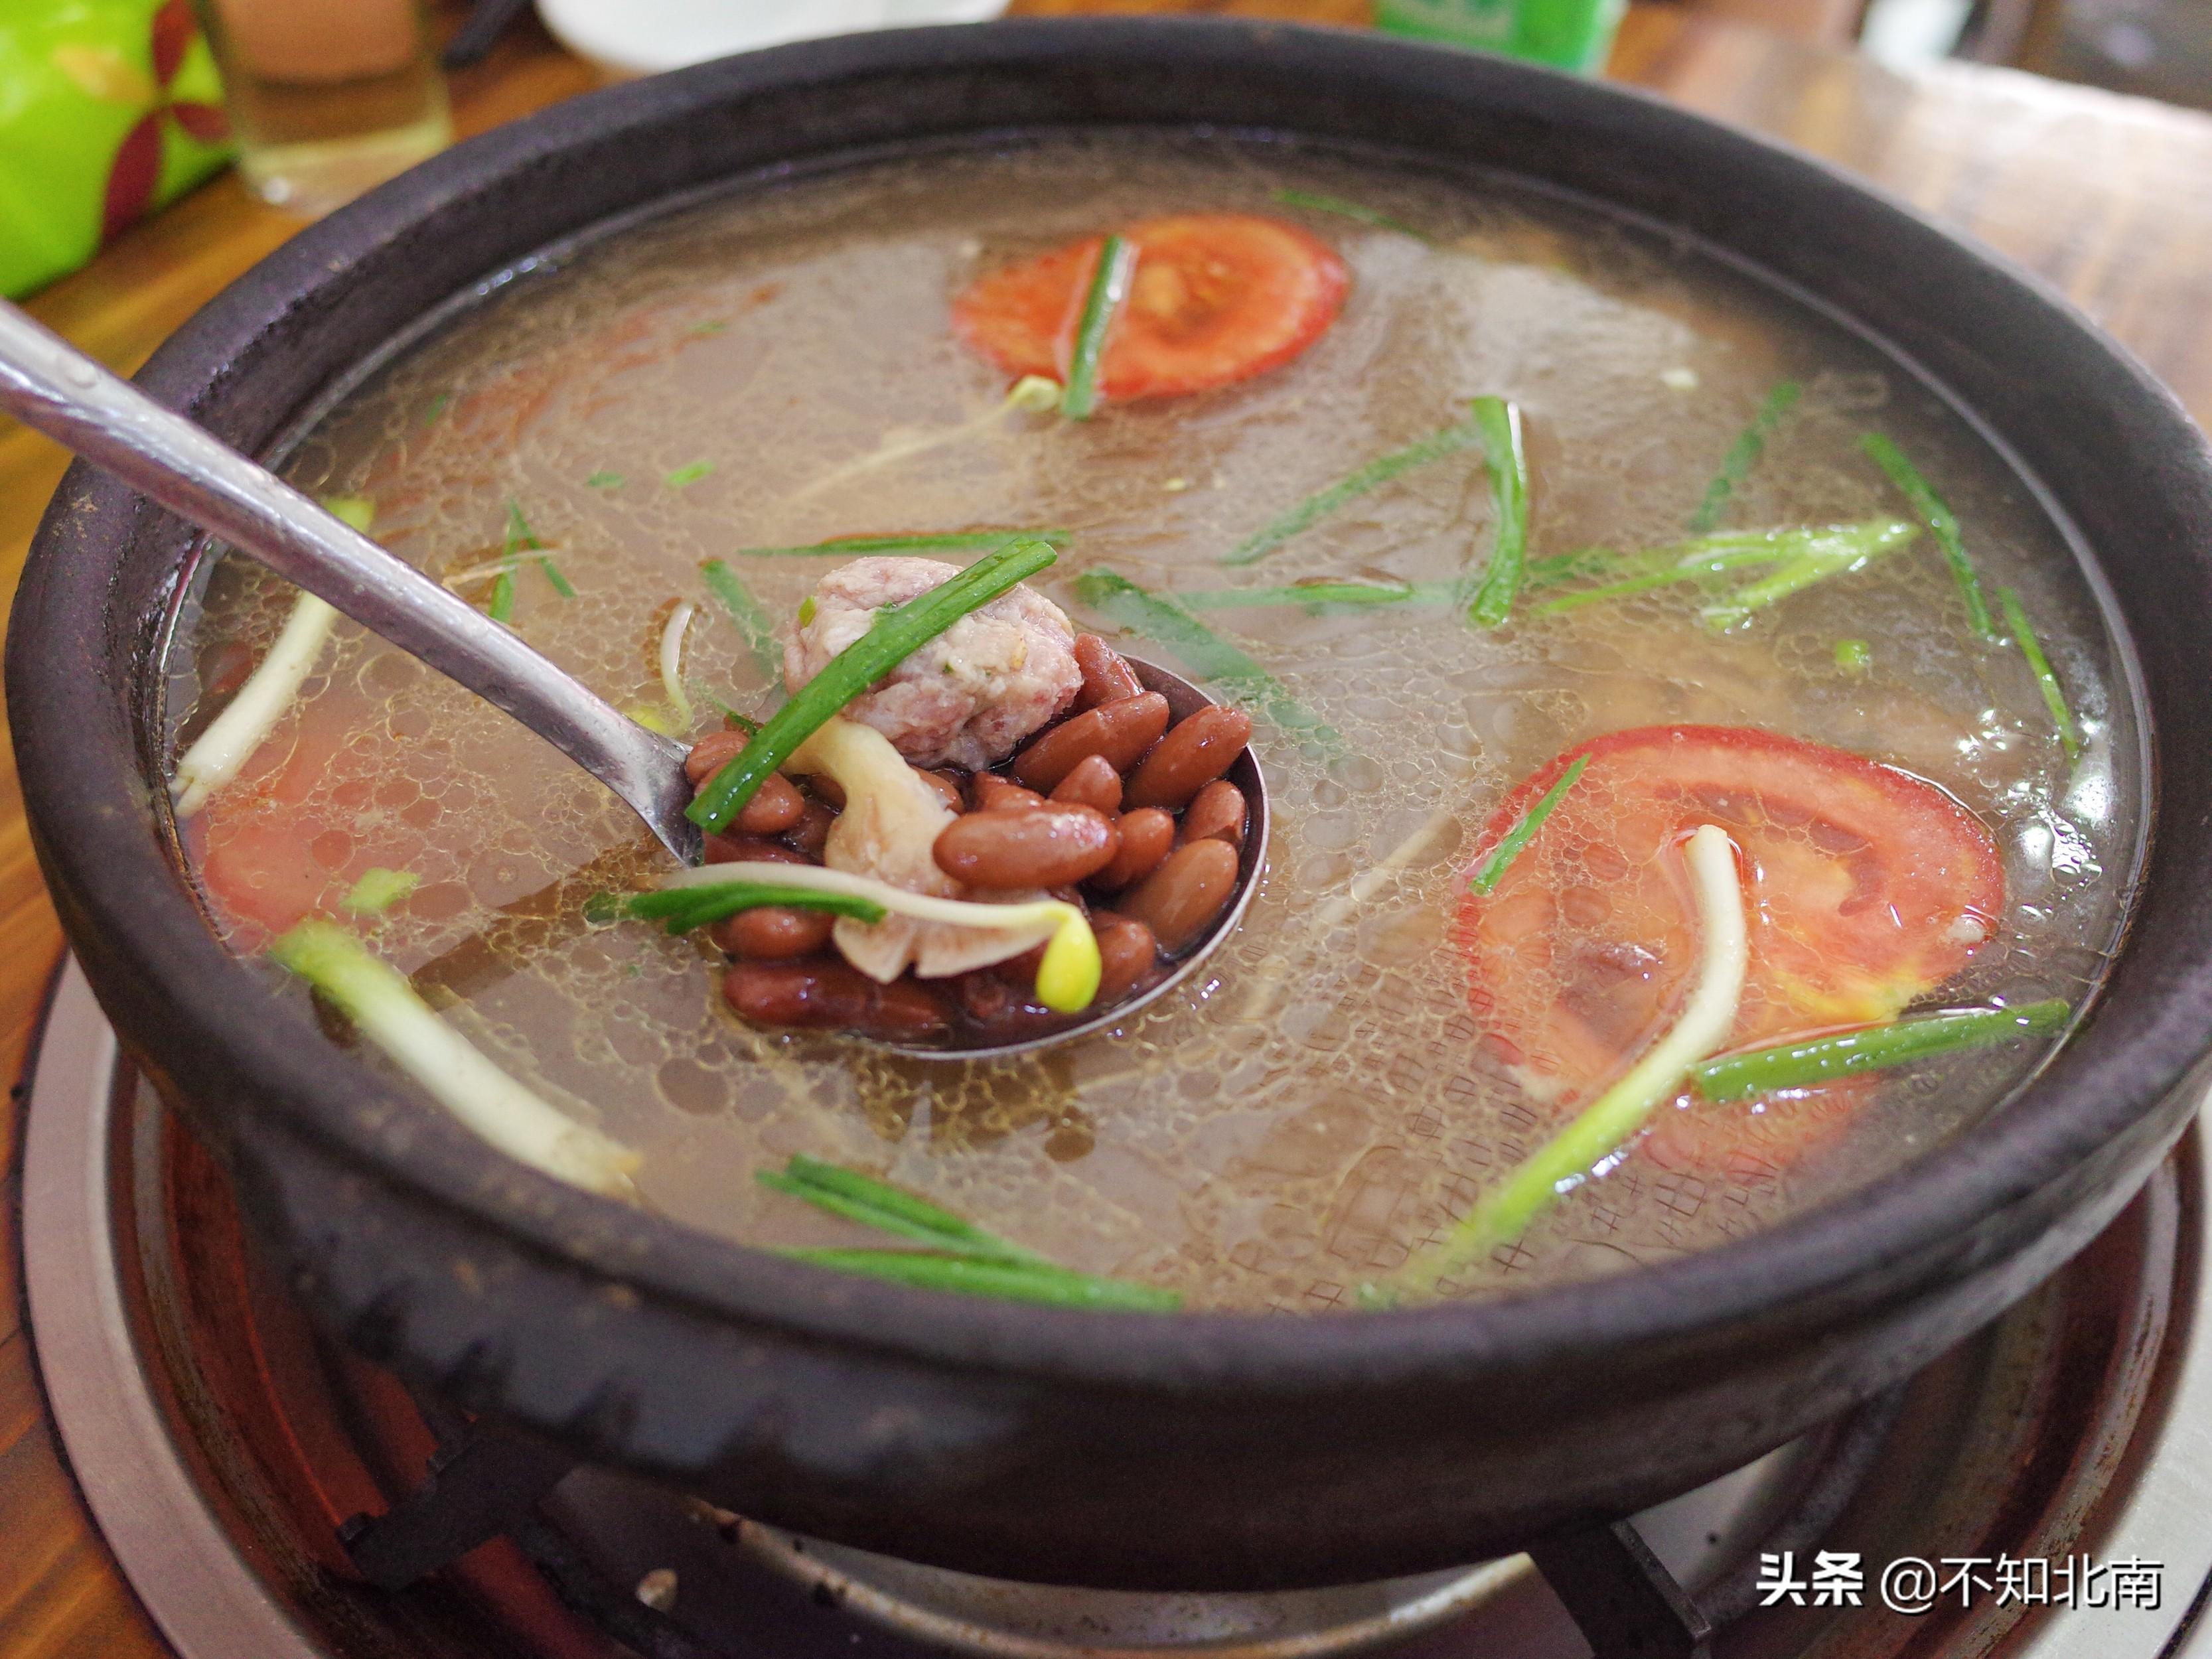 到贵州,让我印象最为深刻的12道小食,感叹当地的美食之妙